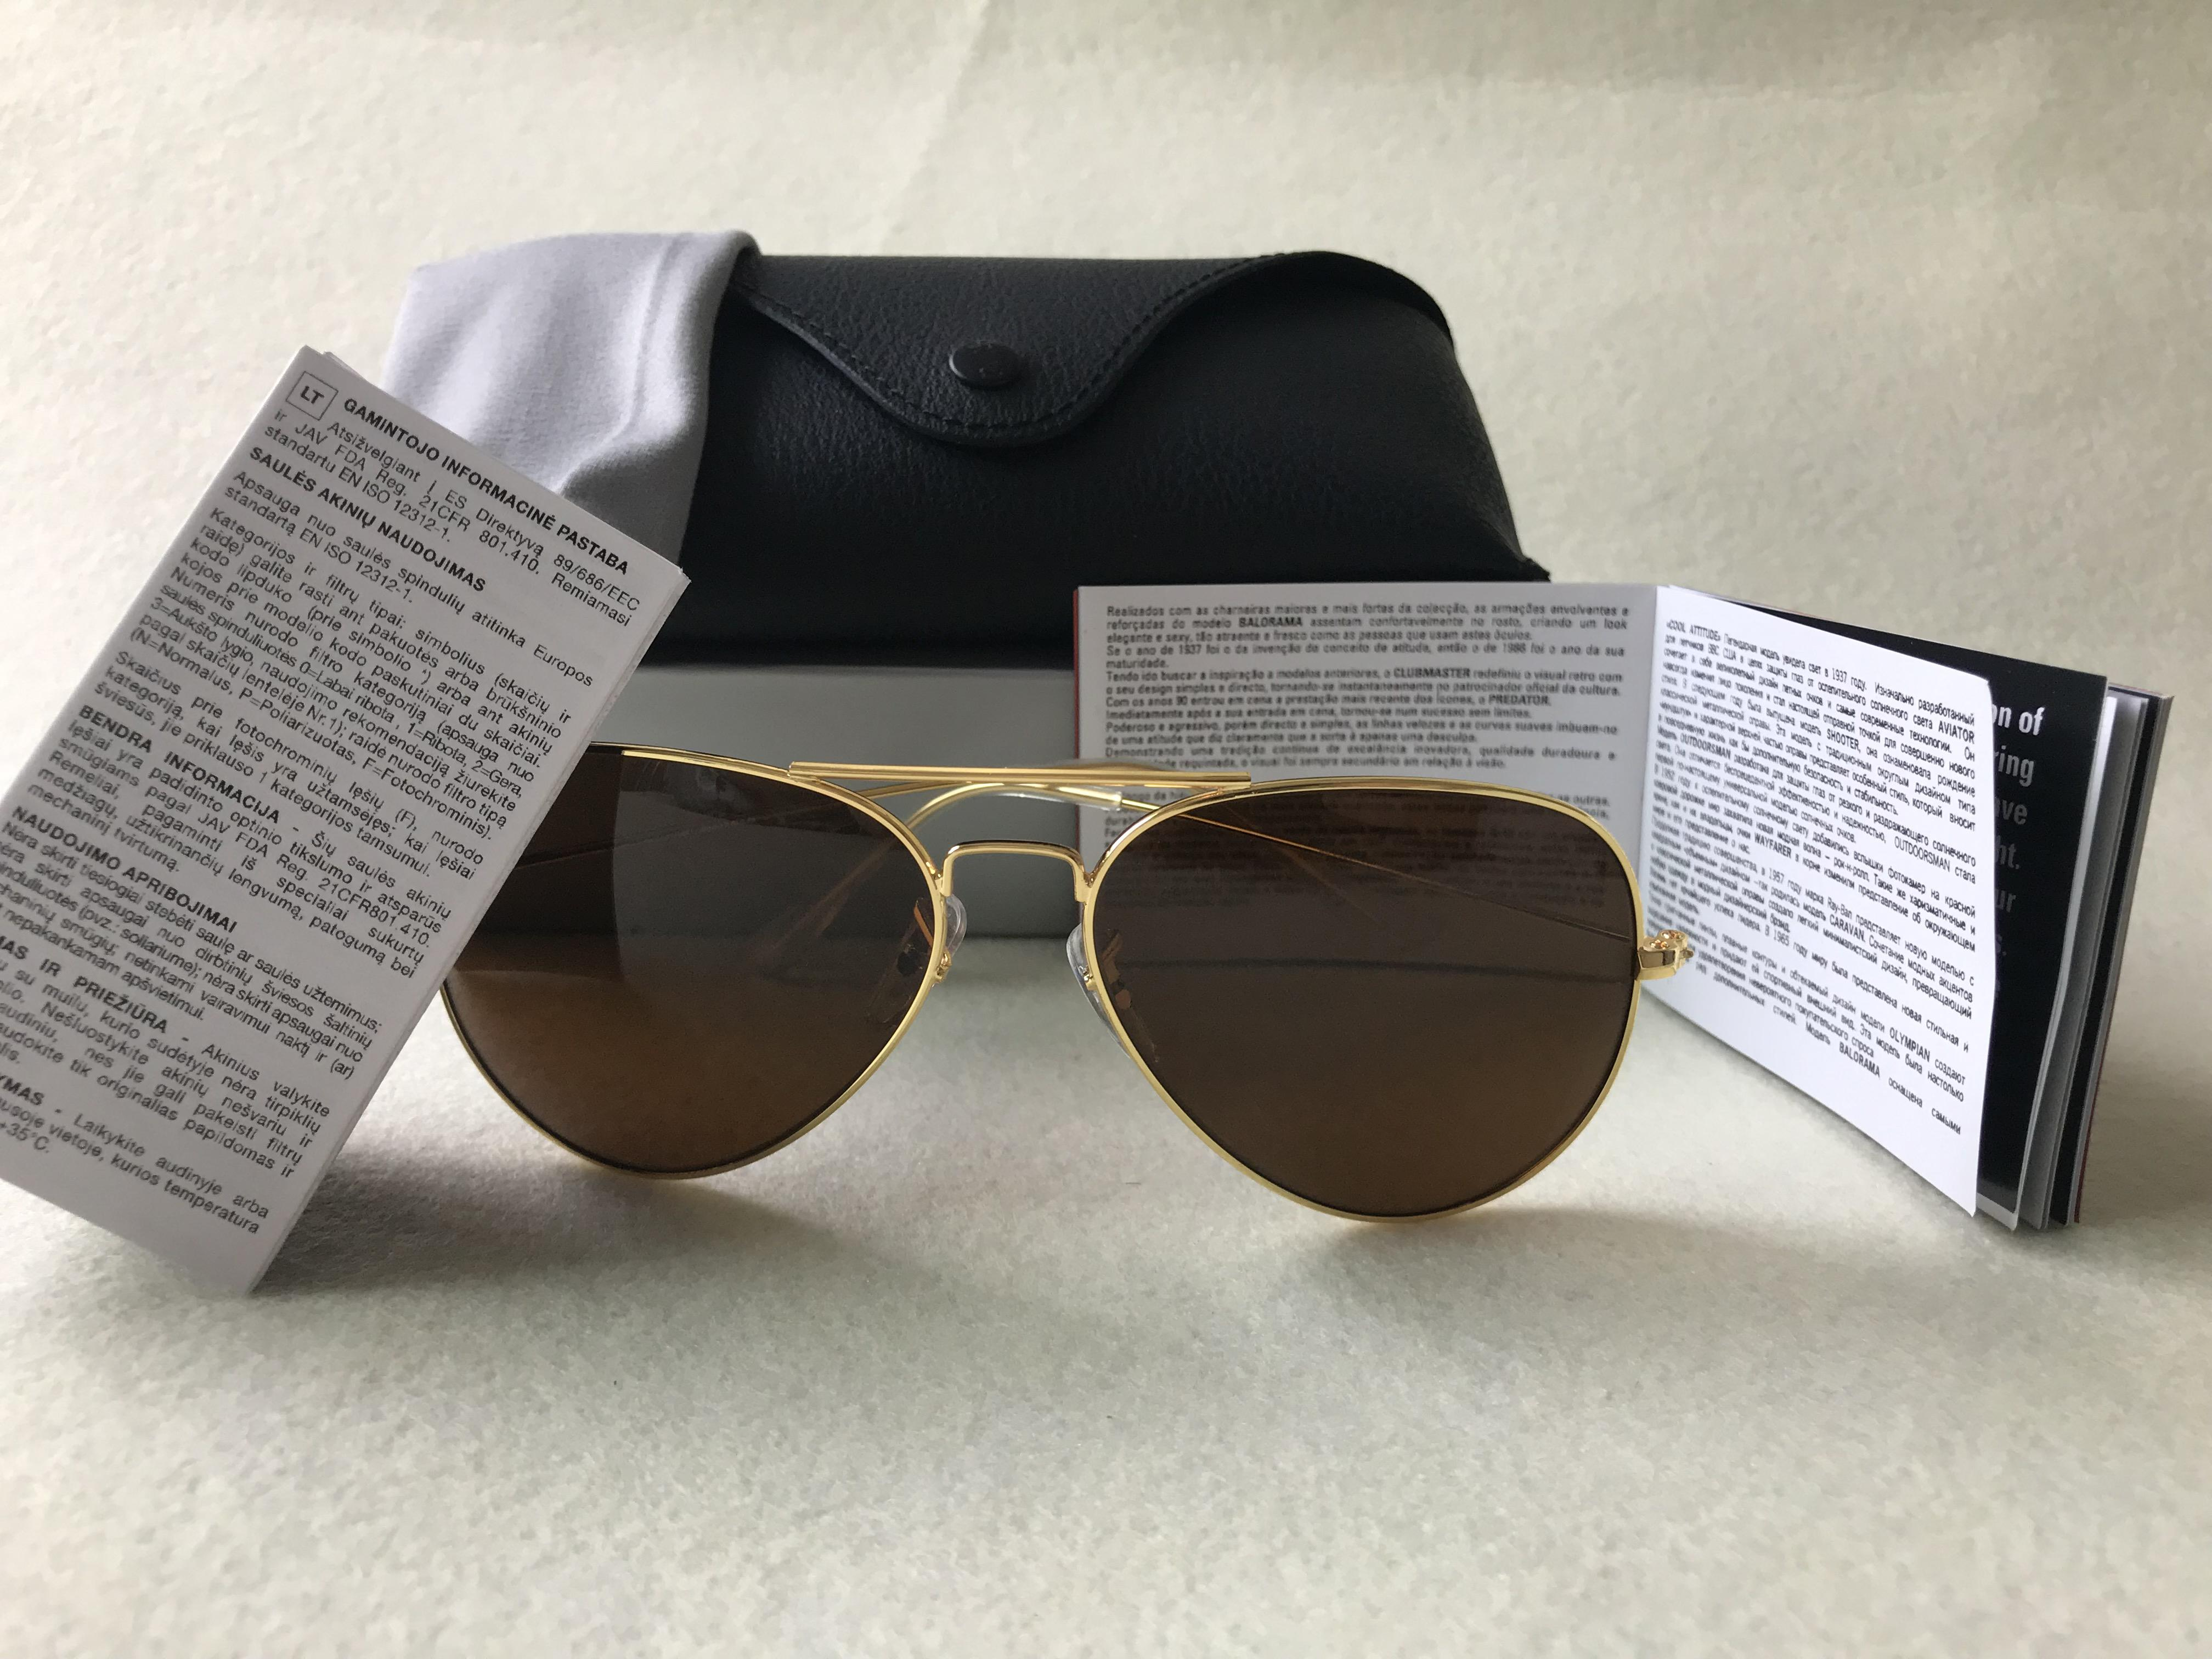 Bestes Verkaufs-Marken-Entwerfer Gold rosaer Spiegel-Sonnenbrille Männer Frauen Strand 58mm 62mm Sunglass mit Box